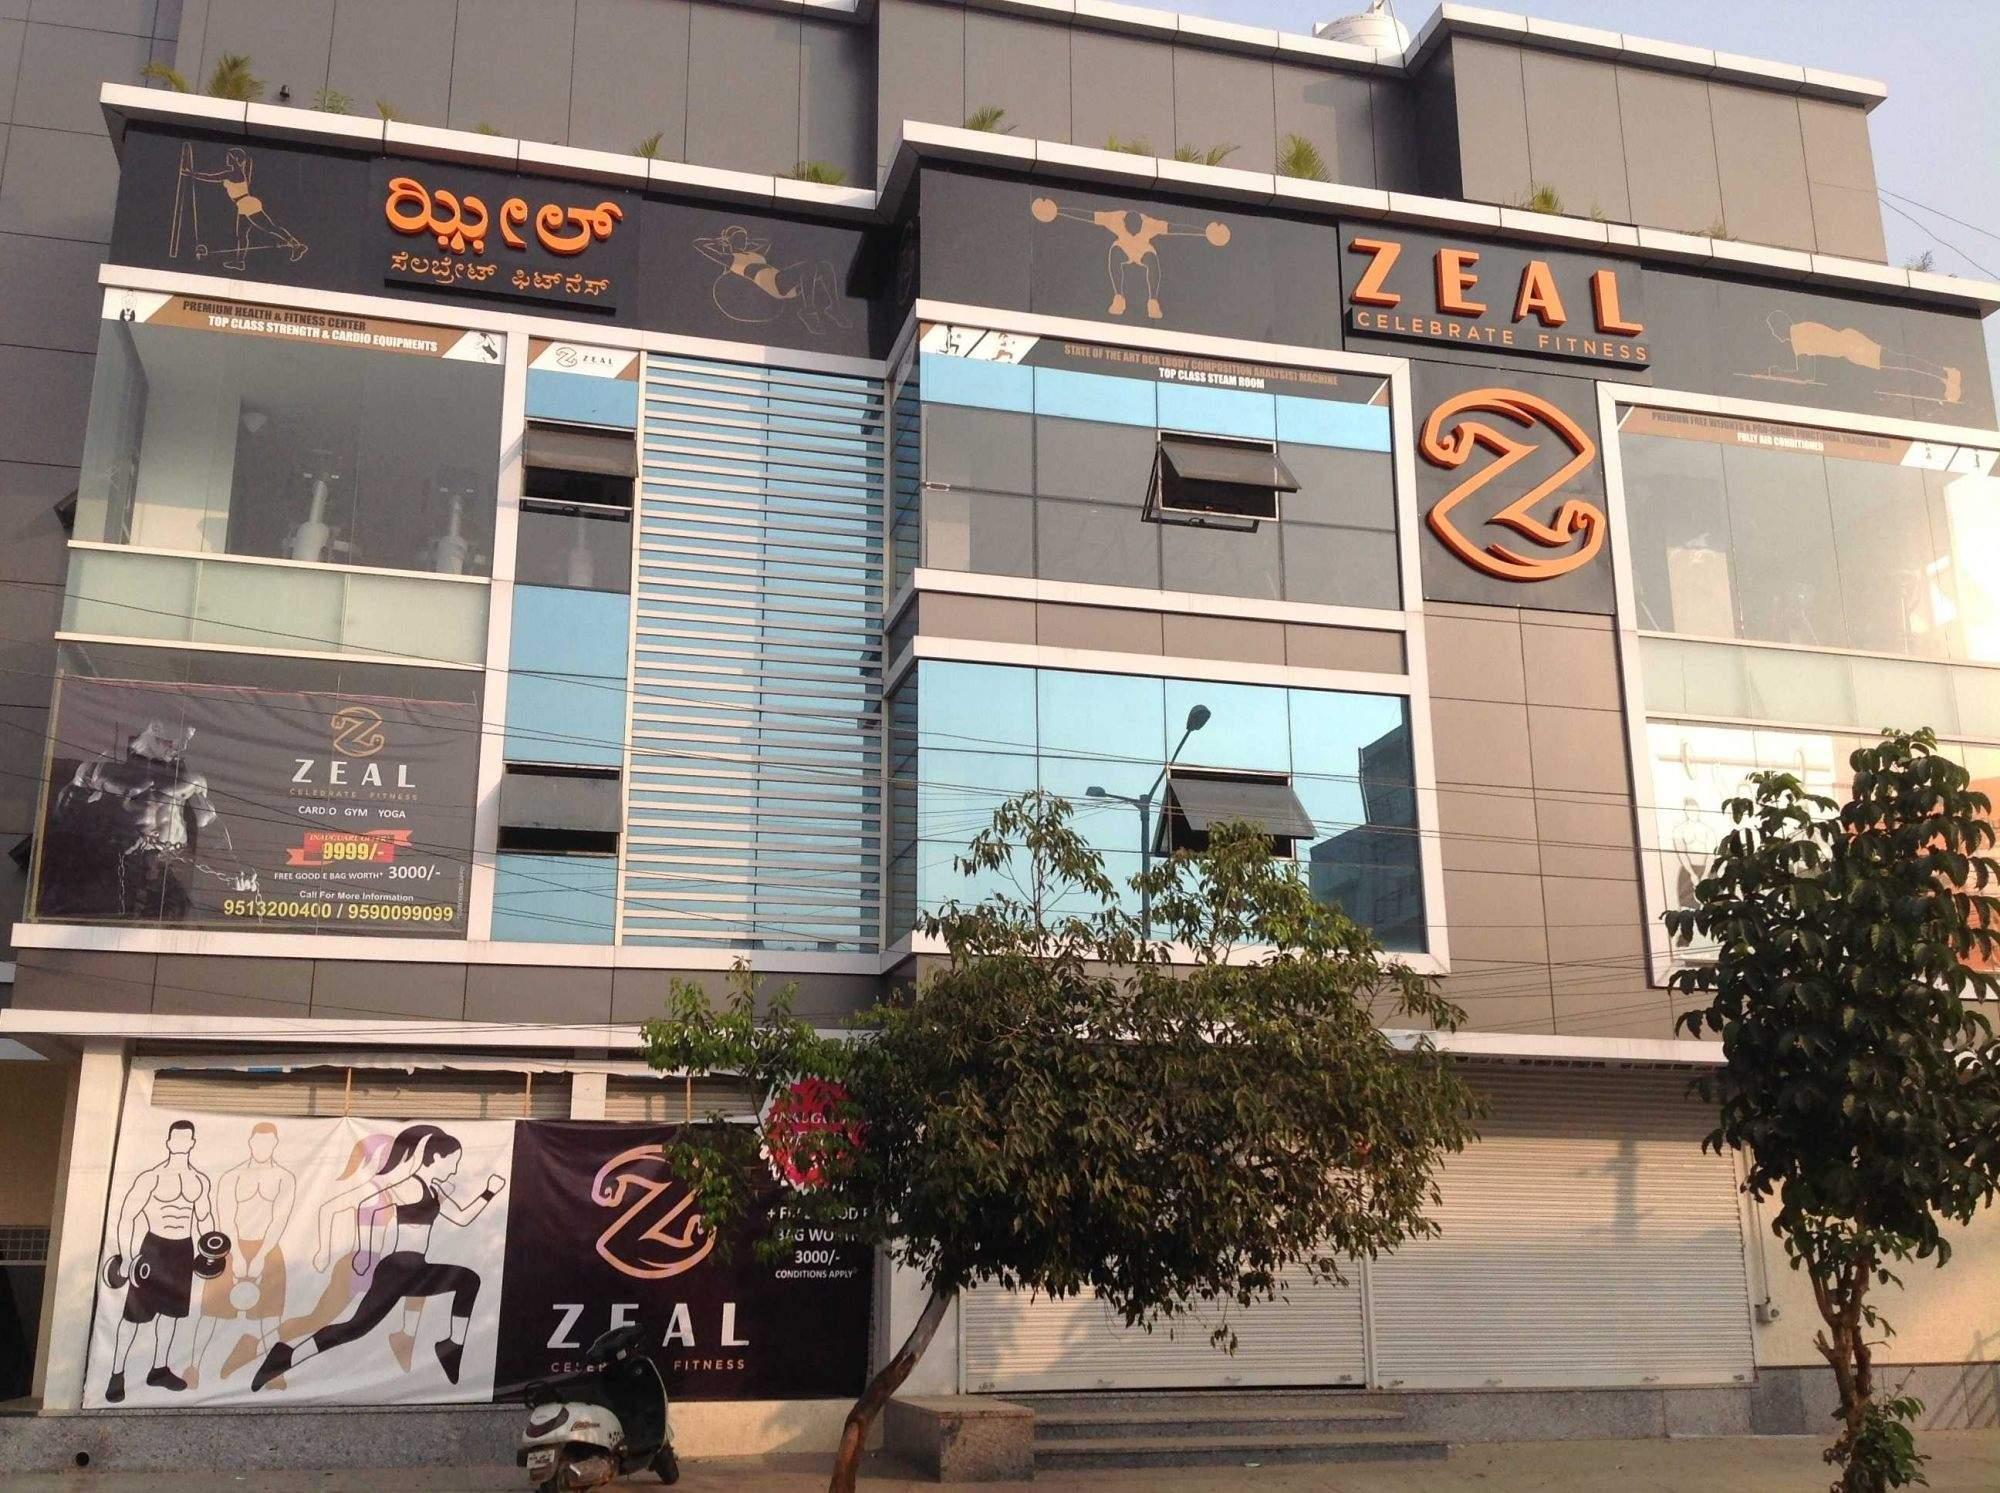 Zeal Fitness - Nagarbhavi - Bangalore Image